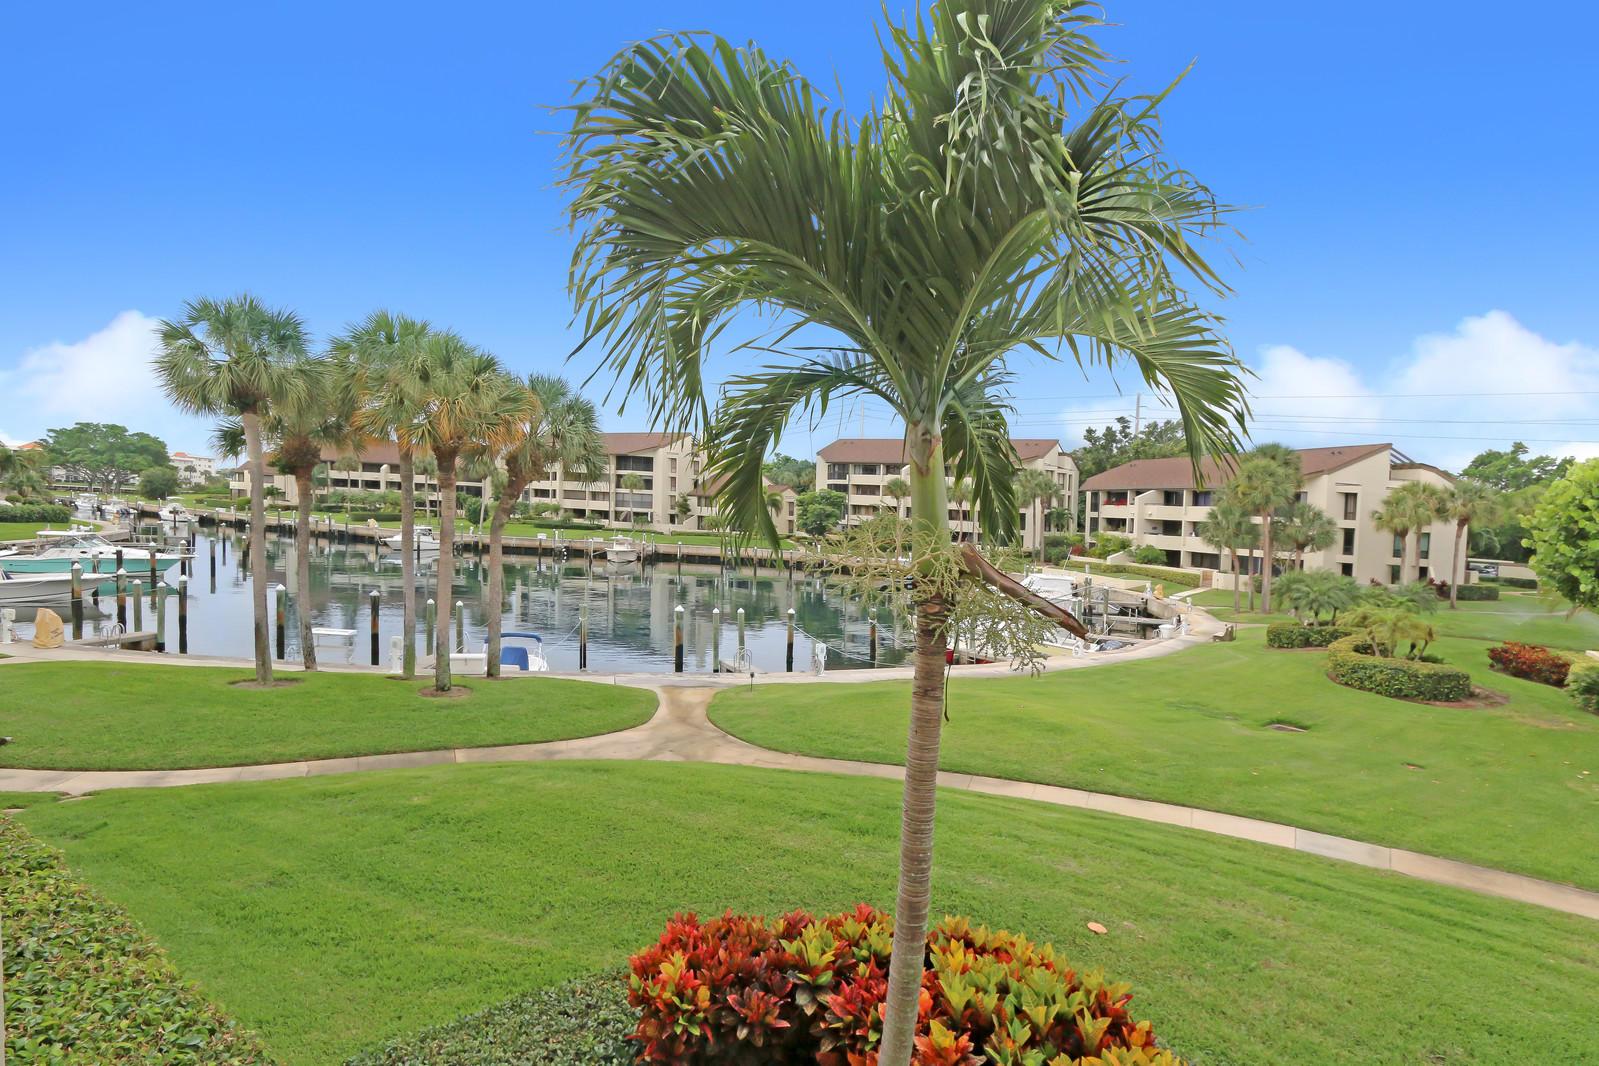 1141 Marine Way H2r, North Palm Beach, Florida 33408, 3 Bedrooms Bedrooms, ,3 BathroomsBathrooms,A,Condominium,Marine,RX-10514473